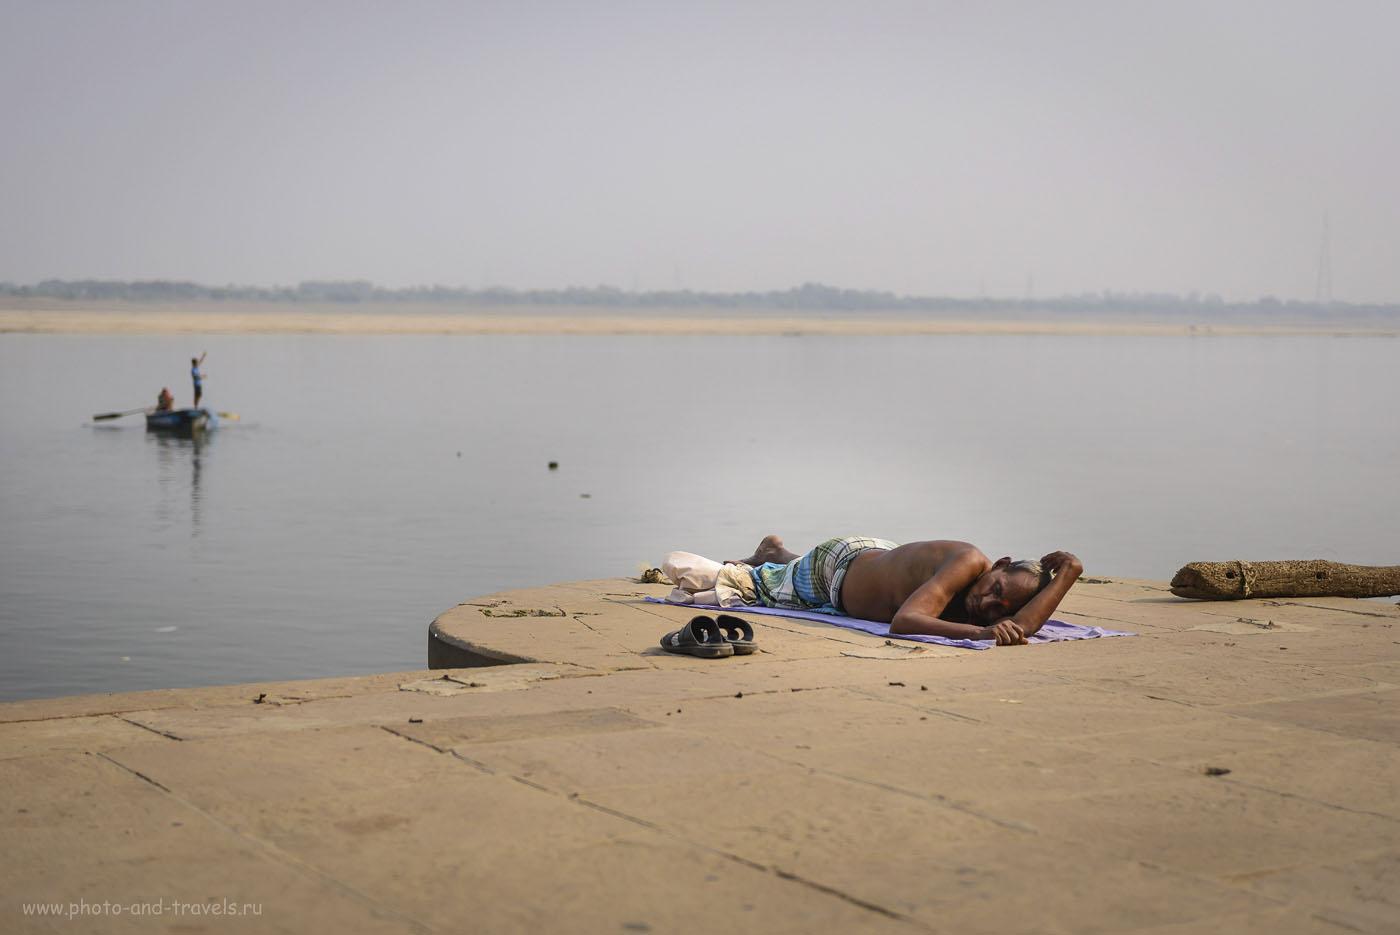 Фотография 3. Отдых на берегу Ганга в Варанаси. Отзывы туристов о путешествии по Индии самостоятельно. 1/1250, 2.8, ISO 64, 56 мм.